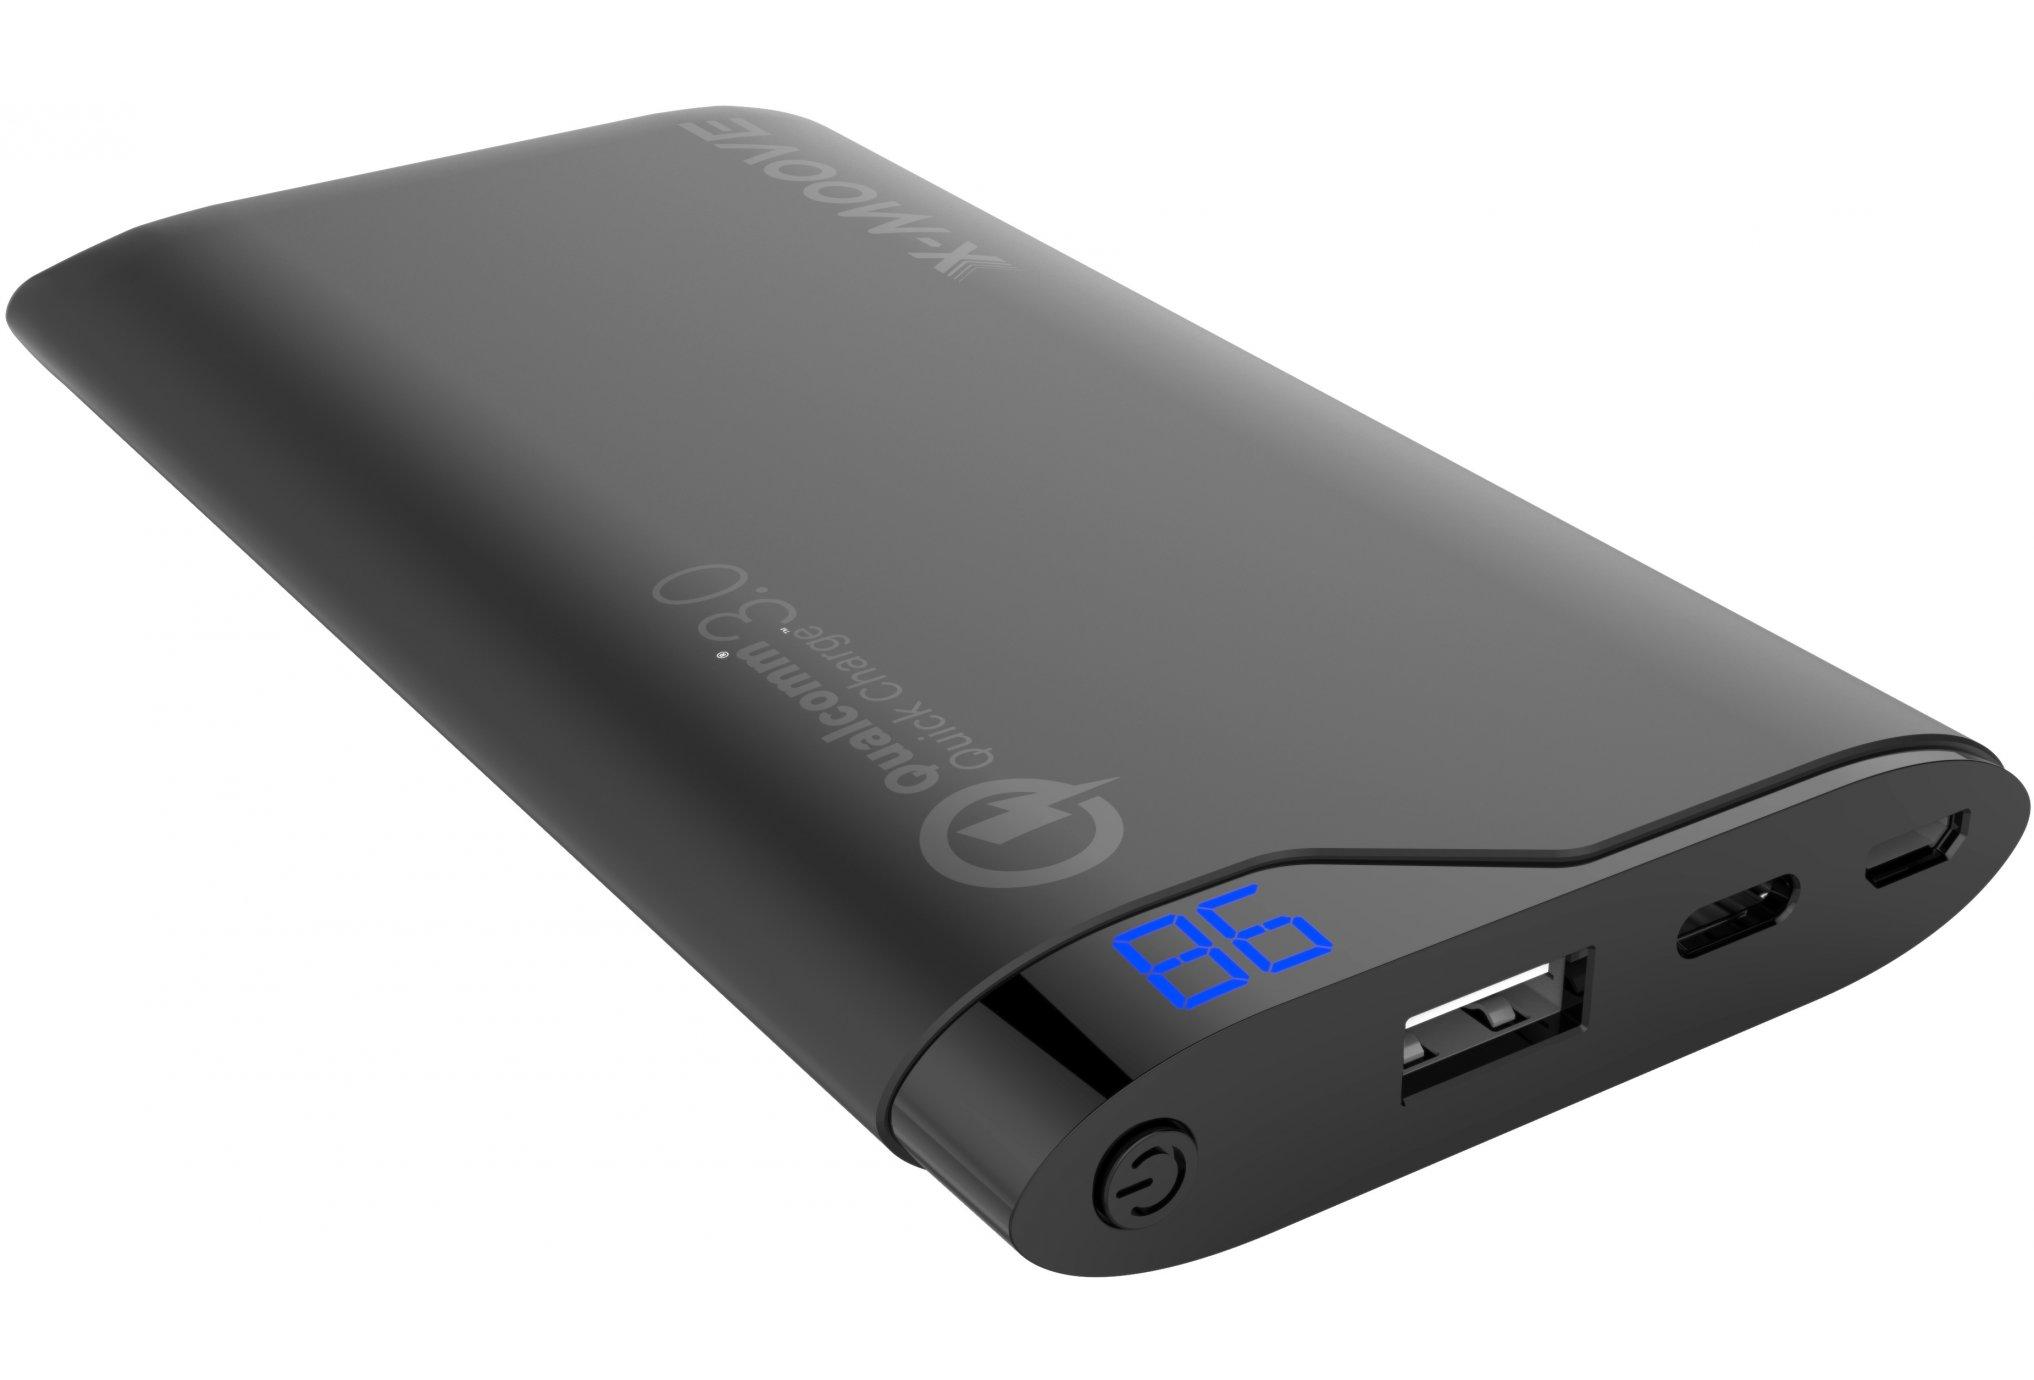 X-Moove Powergo Flash 10000 Batterie externe